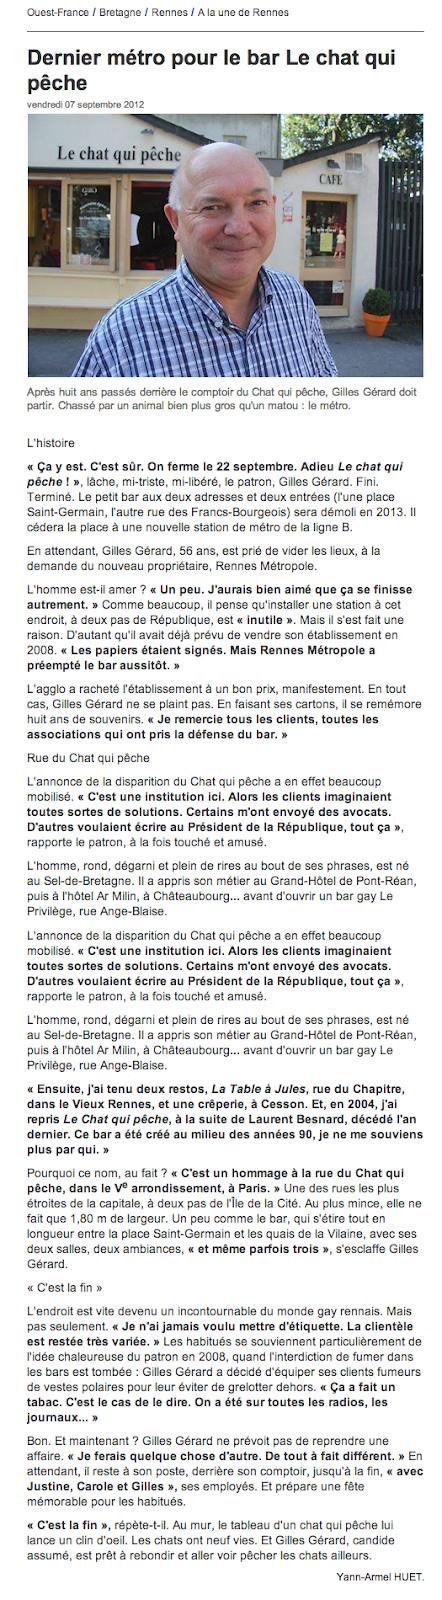 « Dernier métro pour le bar le Chat qui Pêche » Article de Ouest-France du 07 Septembre 2012